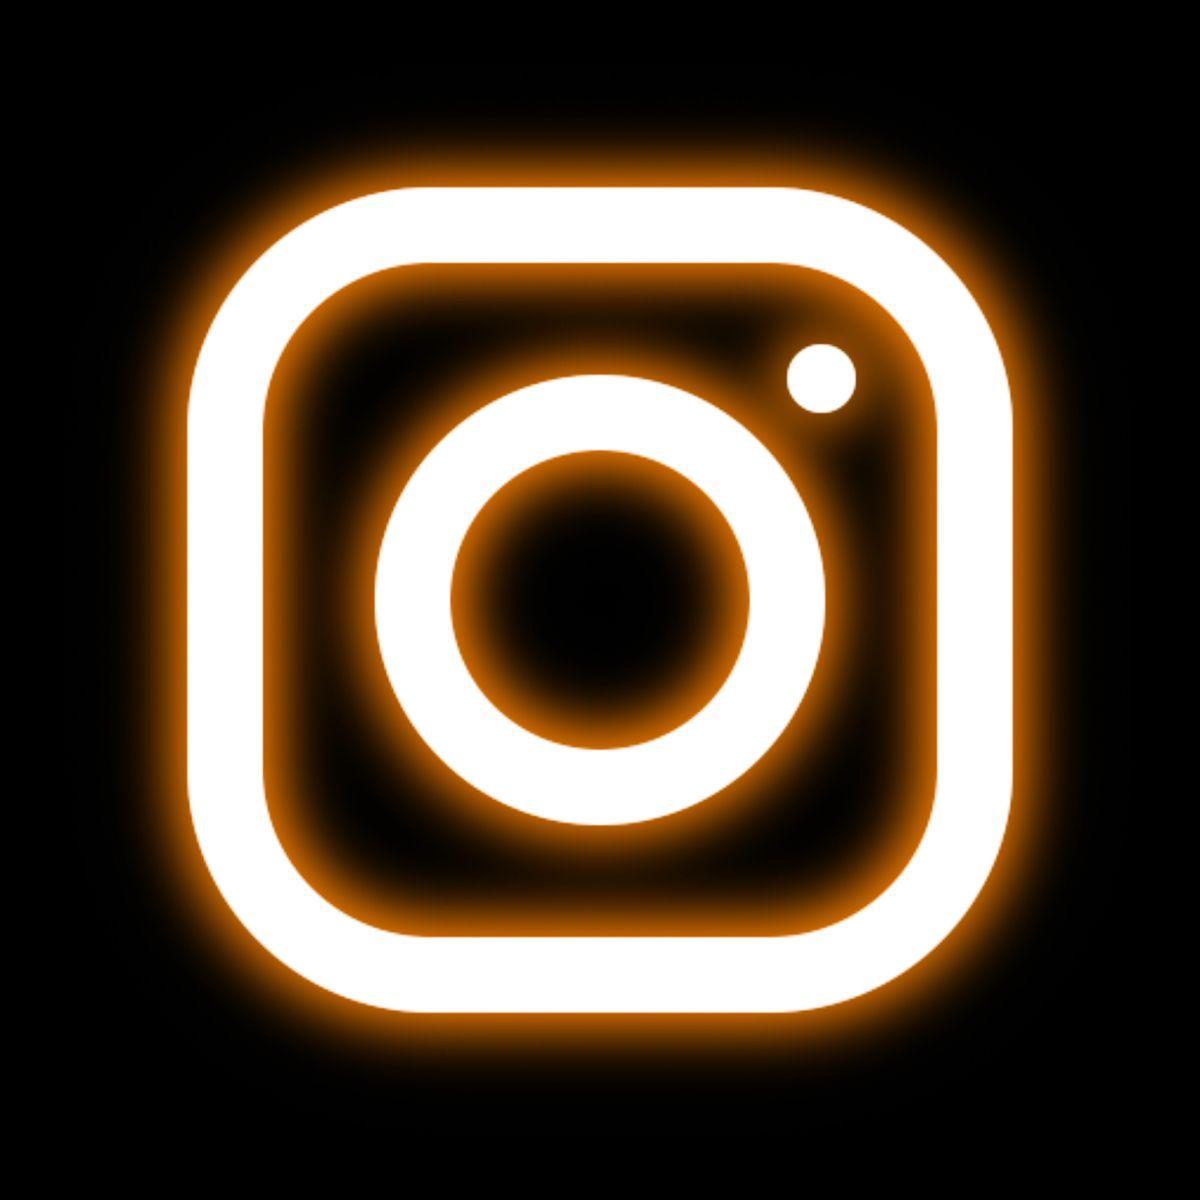 Instagram neon icon